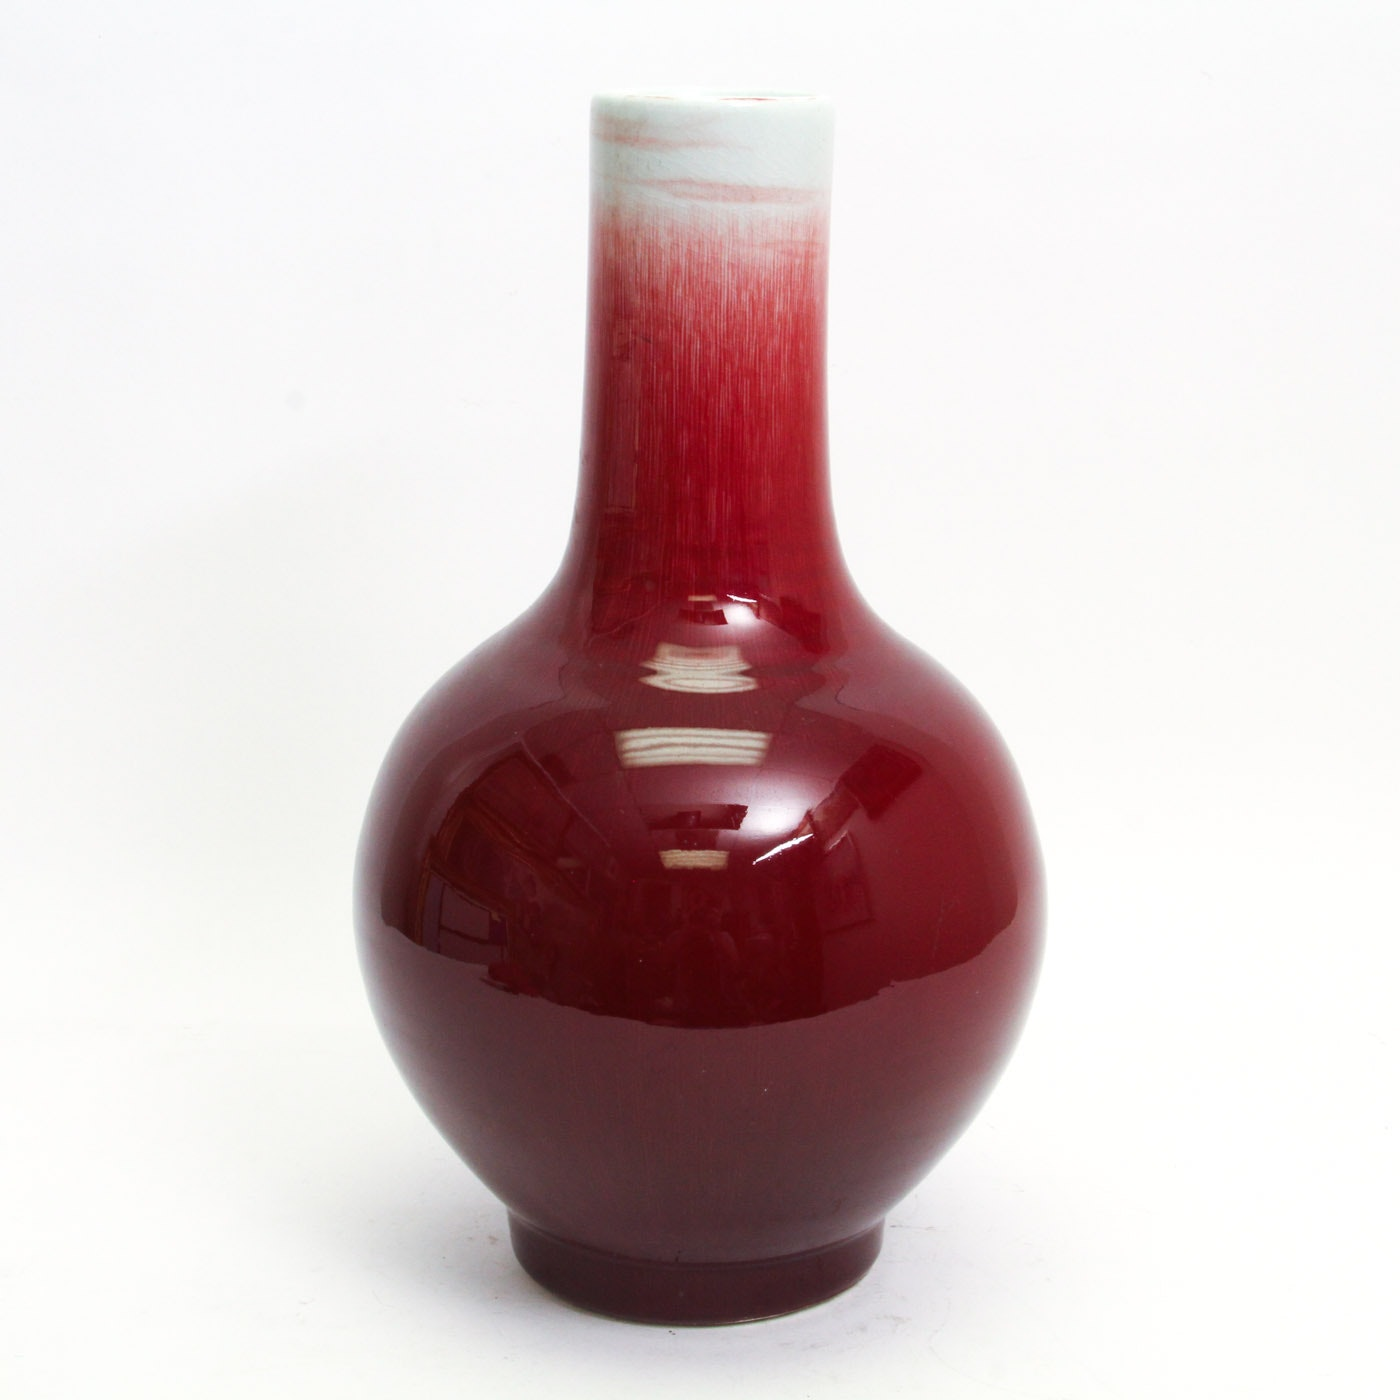 Chinese Porcelain Sang de Boeuf Monochrome Vase